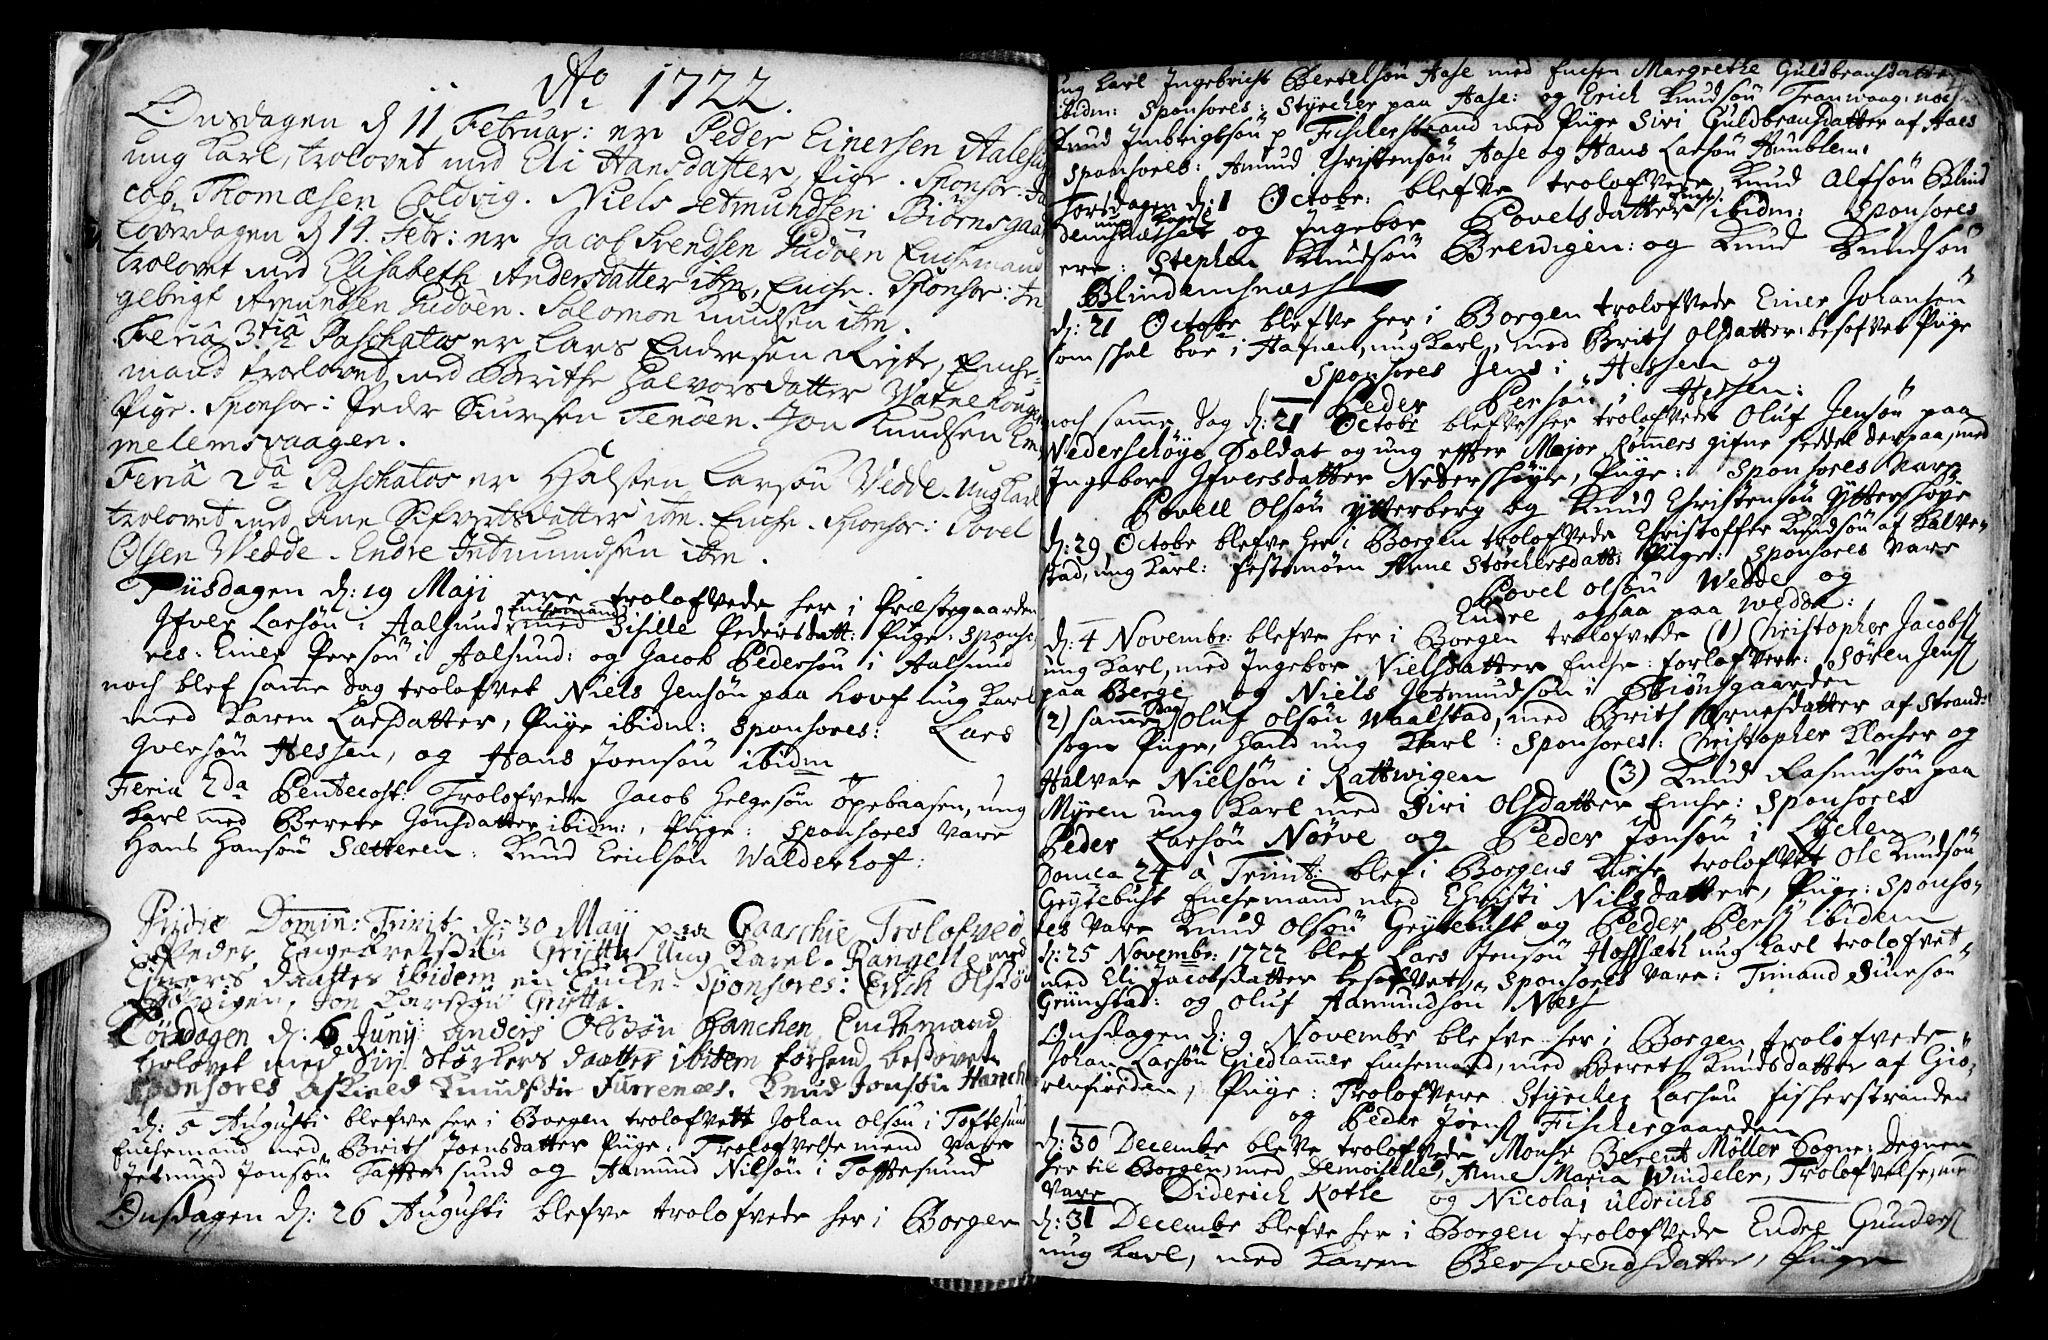 SAT, Ministerialprotokoller, klokkerbøker og fødselsregistre - Møre og Romsdal, 528/L0390: Ministerialbok nr. 528A01, 1698-1739, s. 42-43